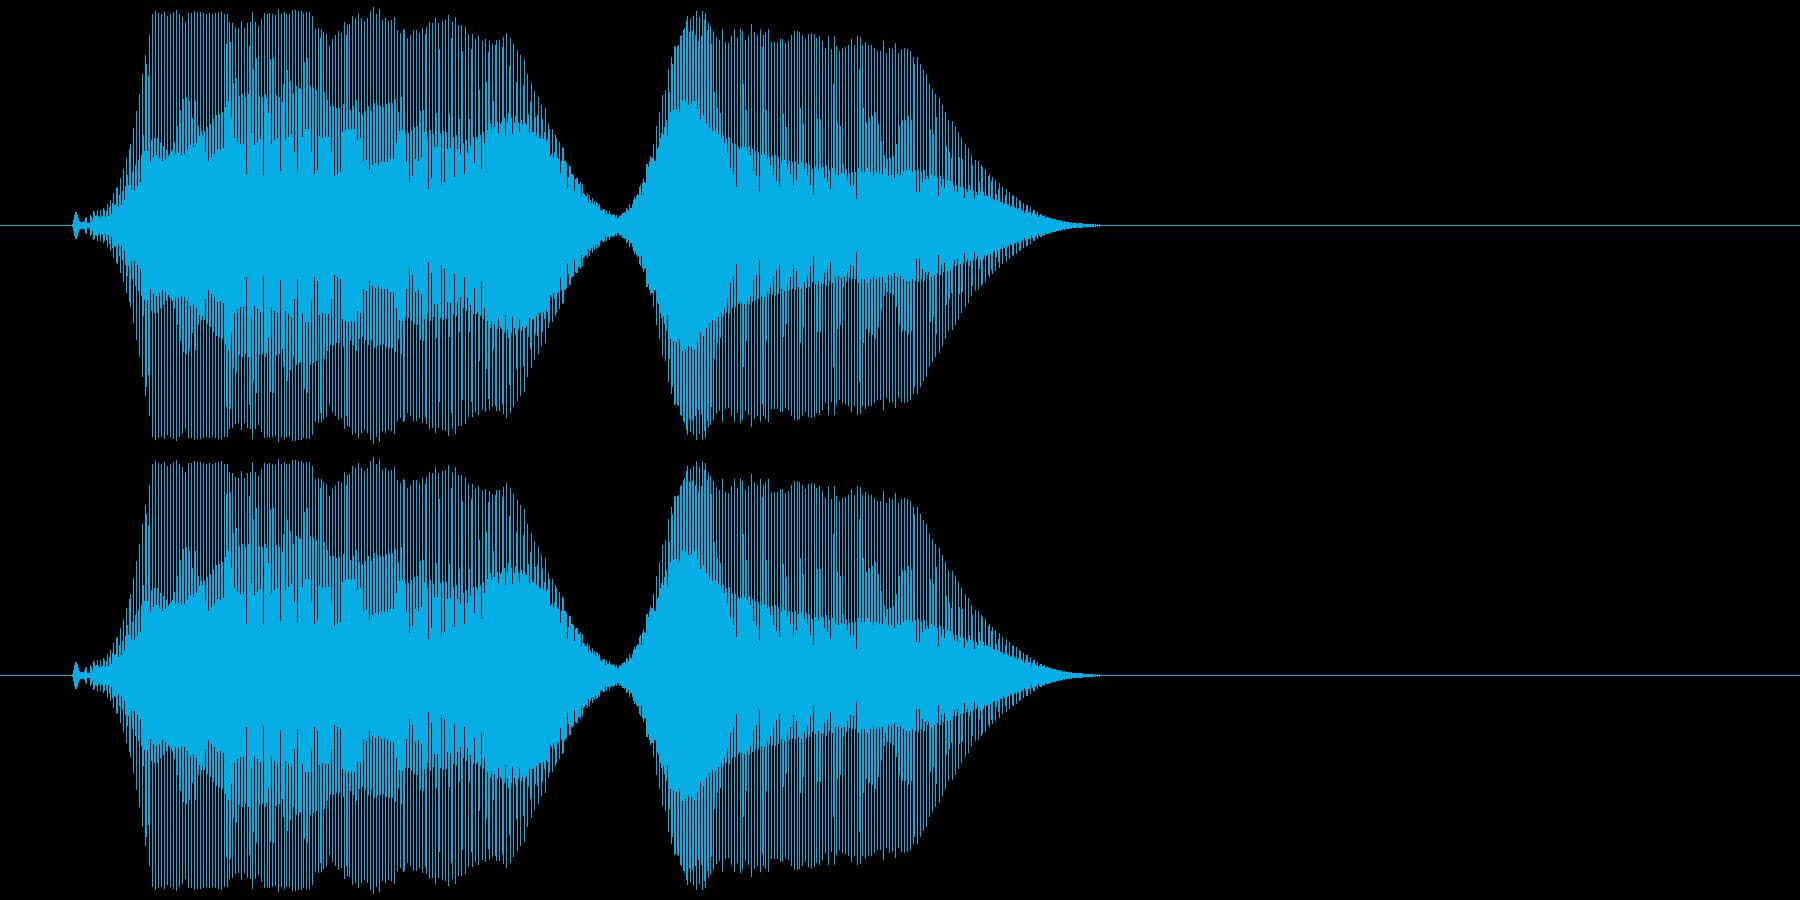 宇宙人の子供がじゃべってるような感じの…の再生済みの波形